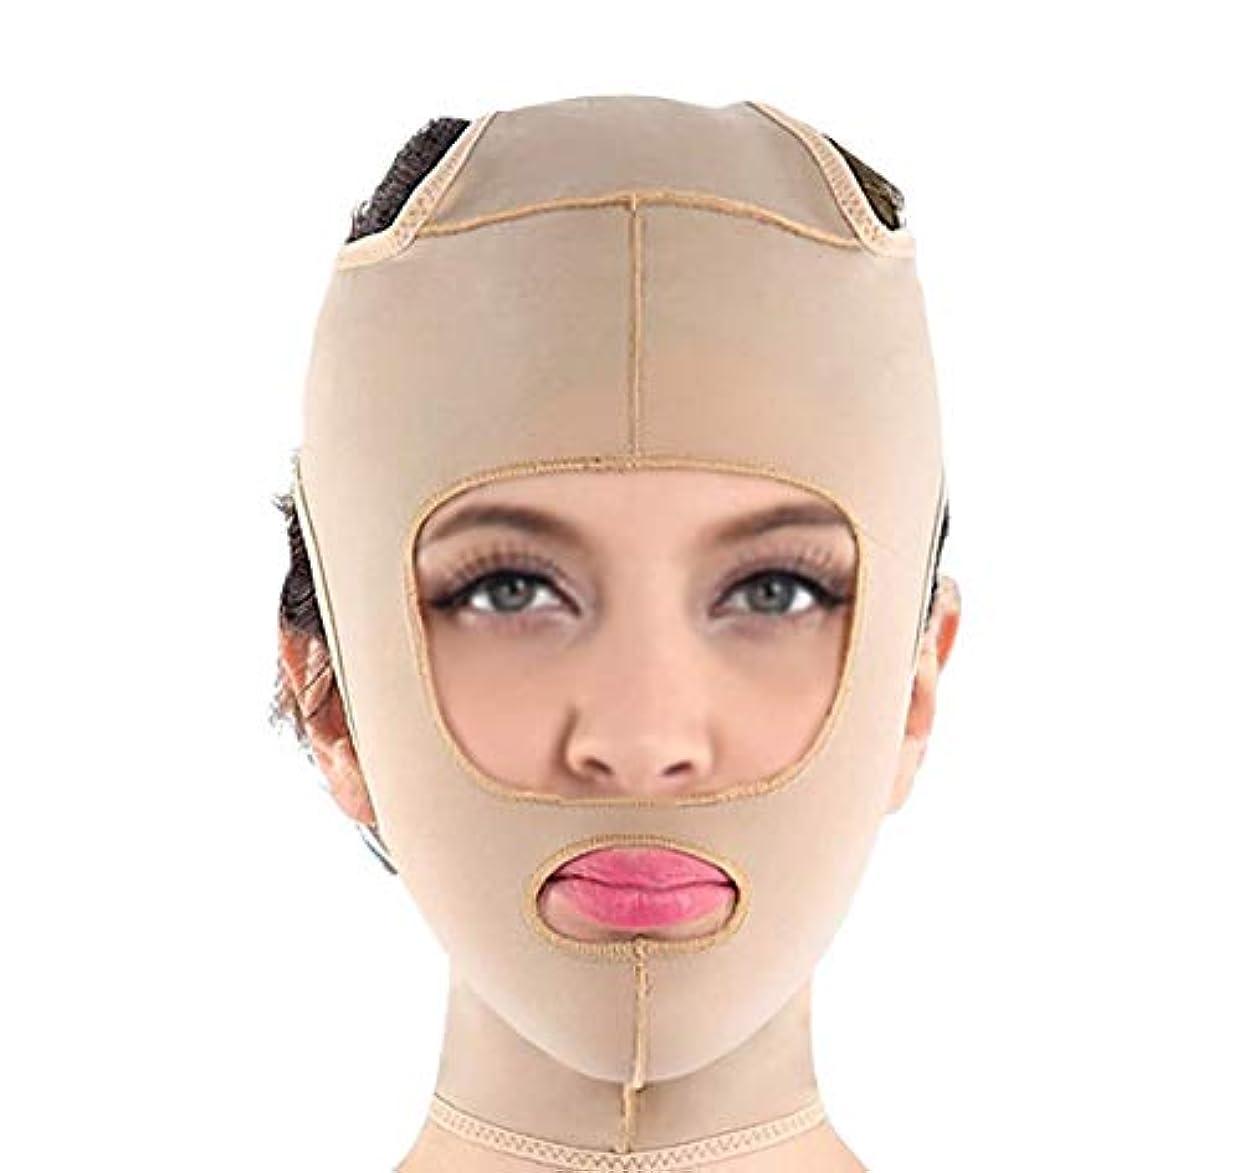 半円種をまくスクラッチ包帯vフェイス楽器フェイスマスクマジックフェイスフェイシャル引き締めフェイシャルマッサージフェイシャルリンクルリフティング引き締めプラスチックマスク(サイズ:Xl),M